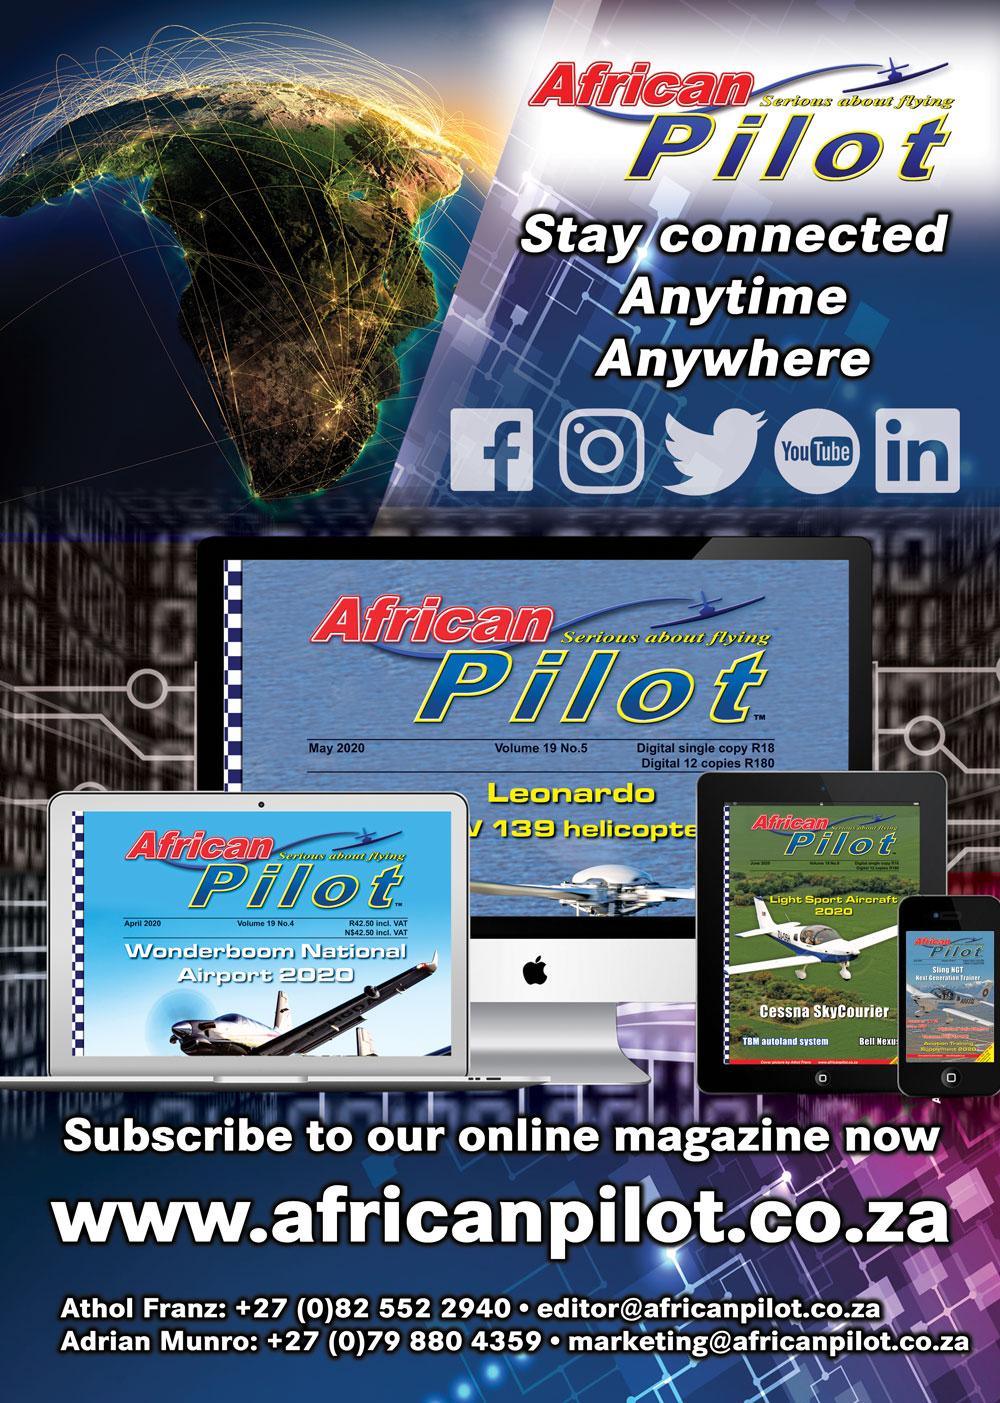 African Pilot digital AF